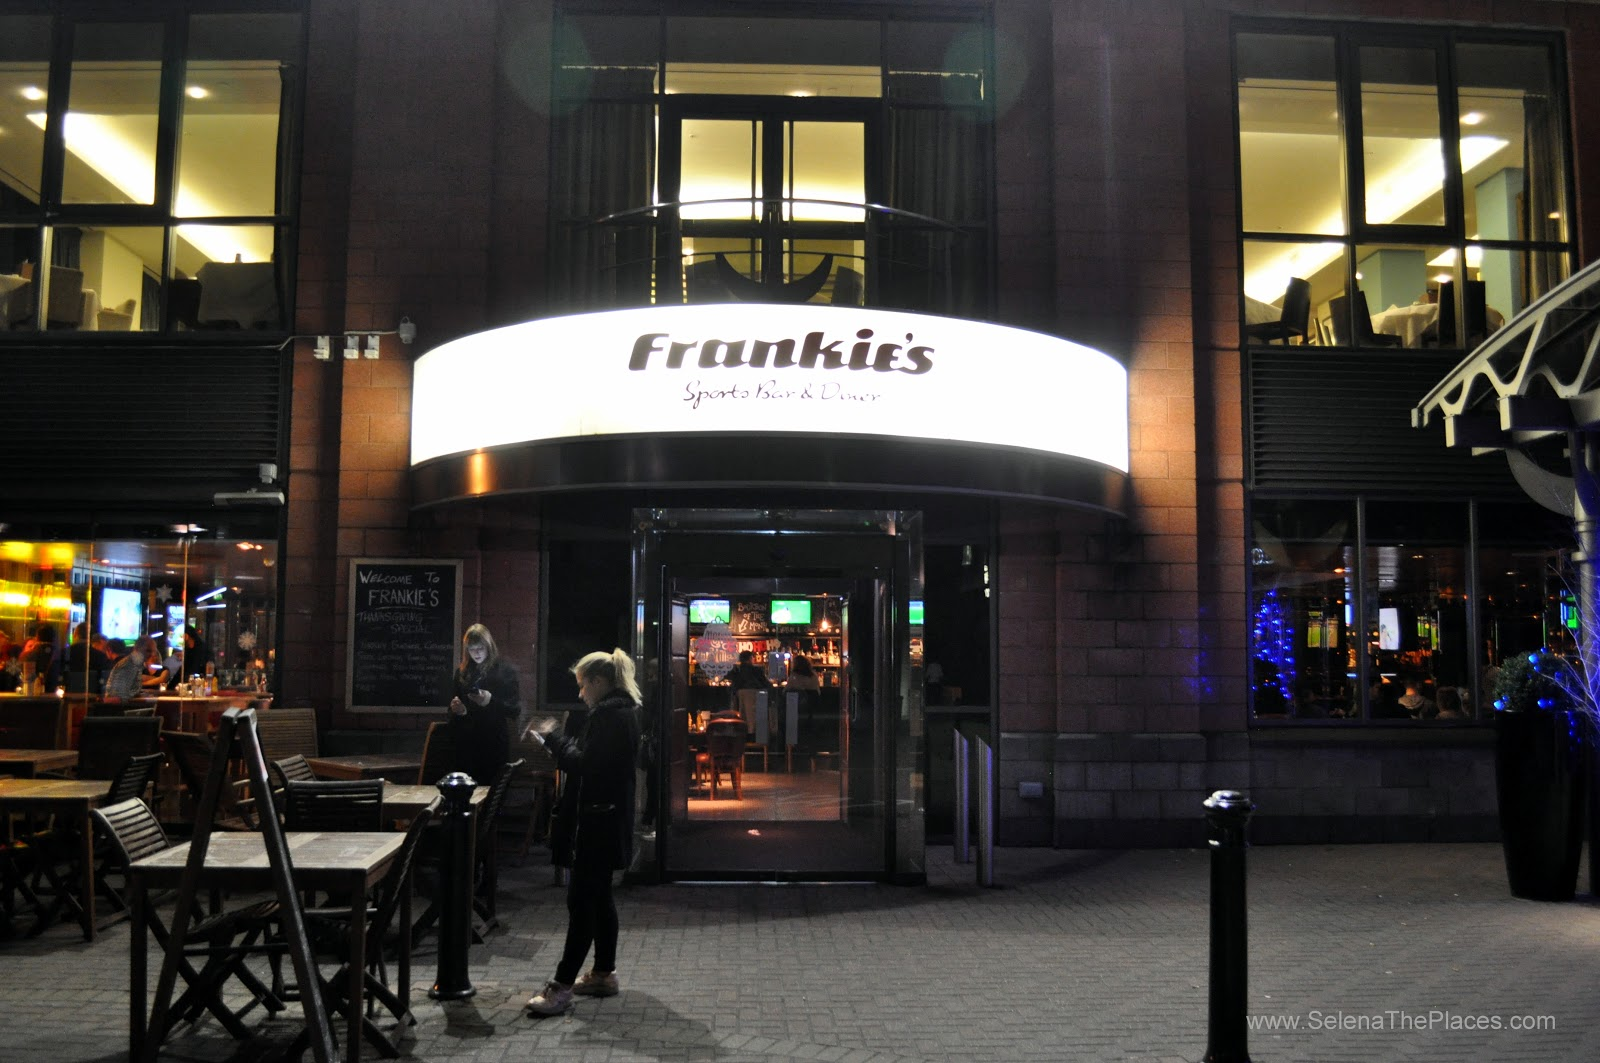 Frankies Sports Bar 103